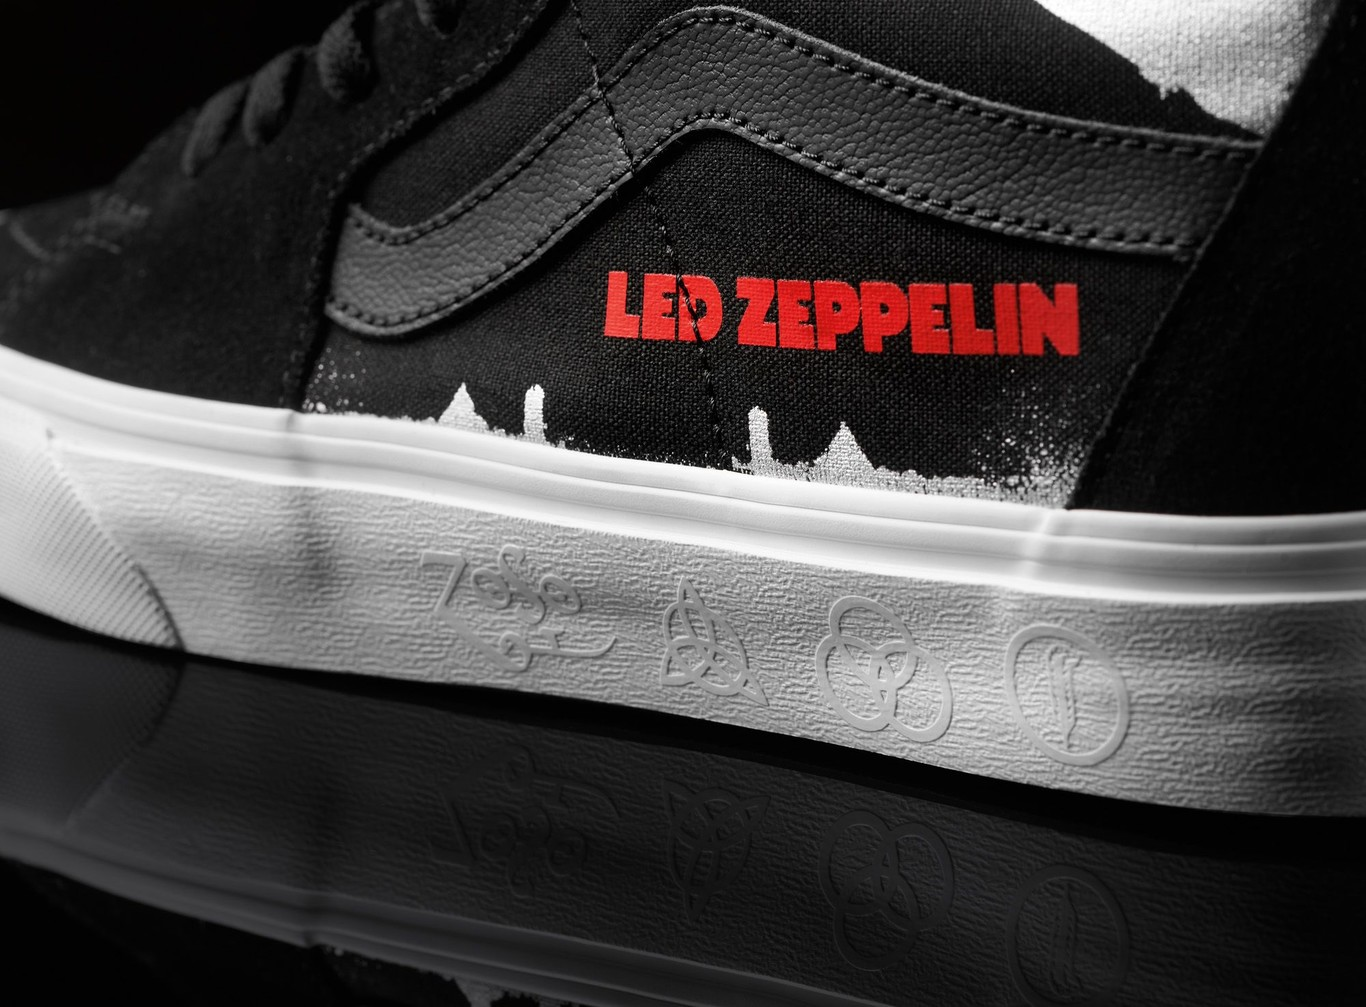 VANS celebra 50 años del disco homónimo de Led Zeppelin con una colección  llena de rock 2447a37feae